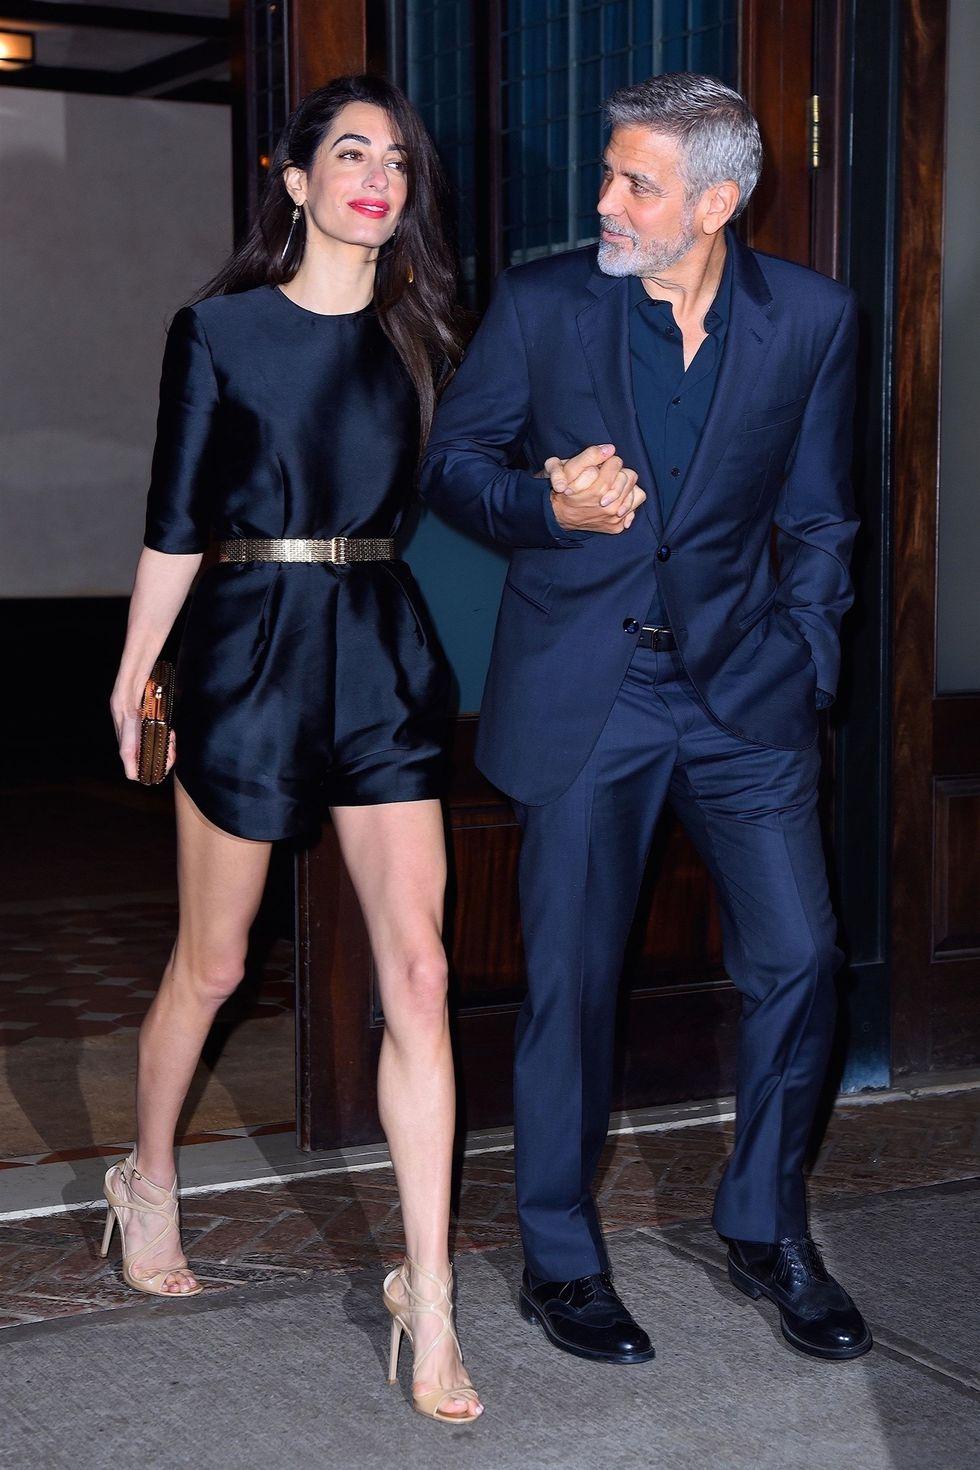 Copia los mejores estilismos de Amal Clooney - mono negro con sandalias jimmy choo